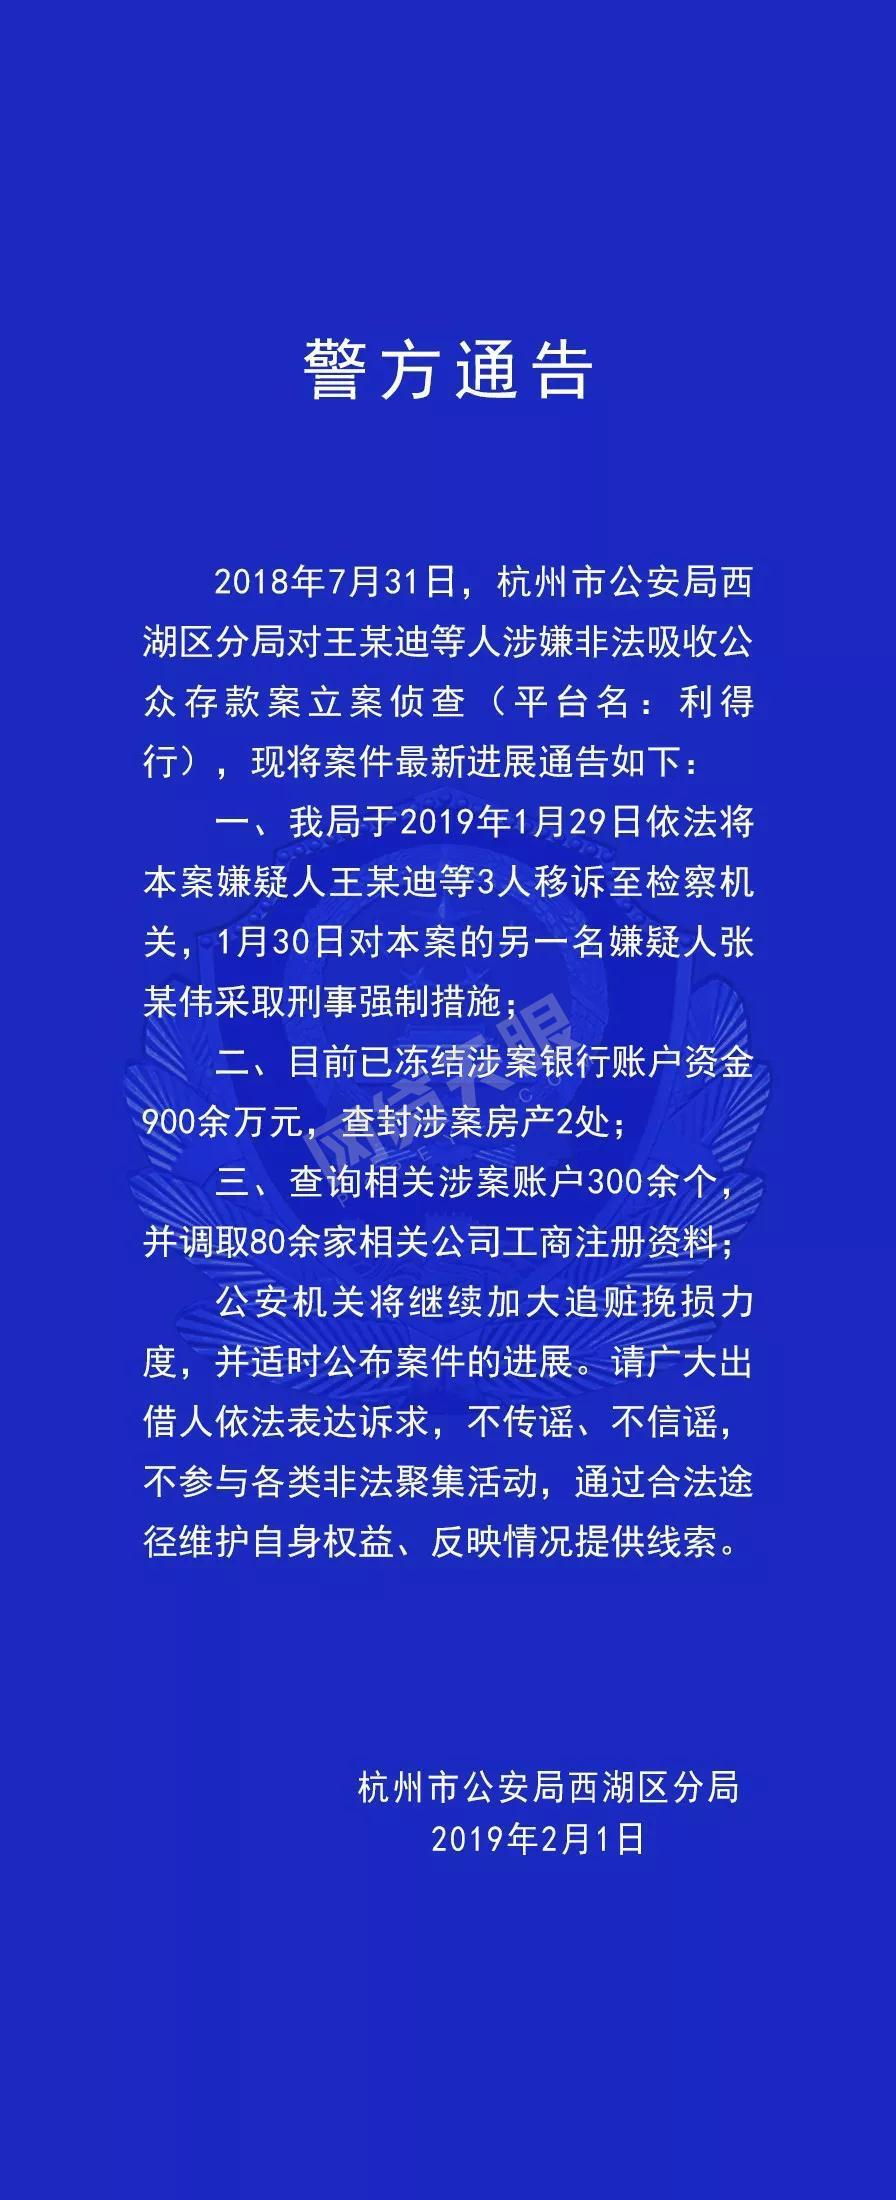 杭州通报聚富蛙等四平台案件进展 冻结扣押资金4000余万2